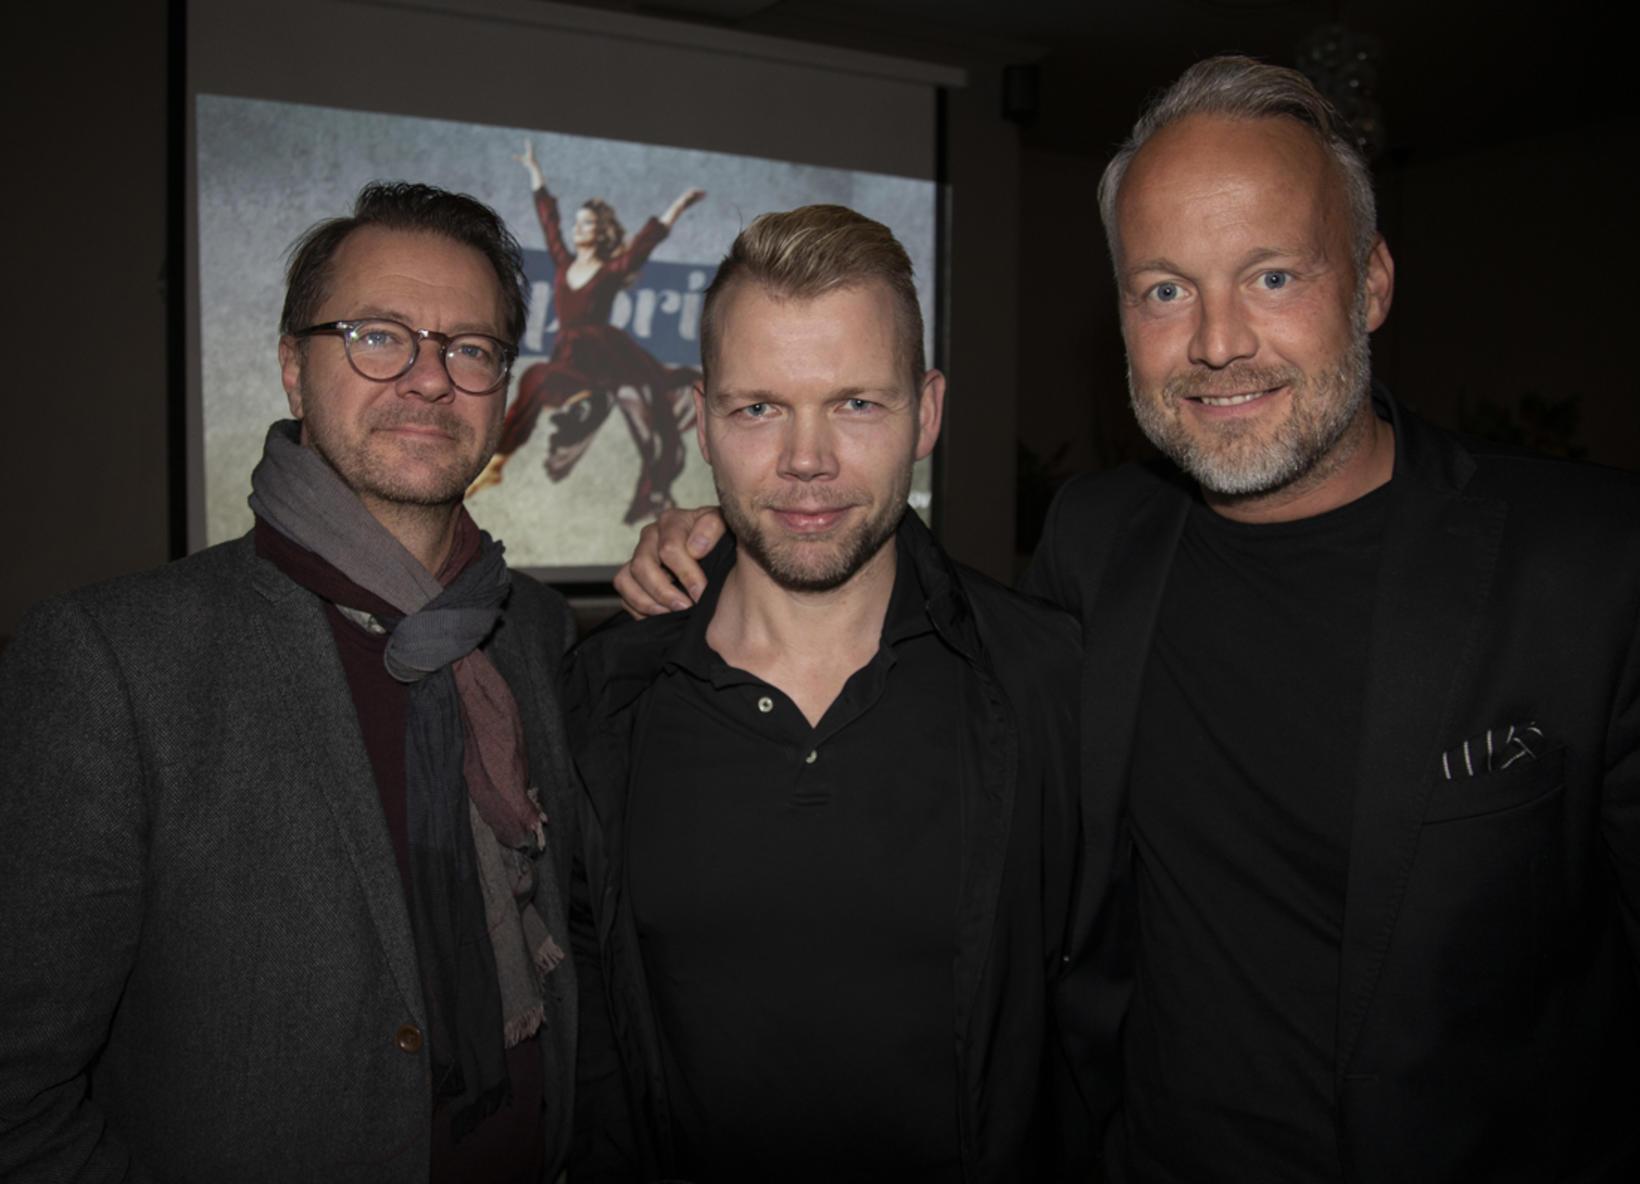 Skarphéðinn Guðmundsson, Samúel Bjarki Pétursson og Hlynur Sigurðsson.